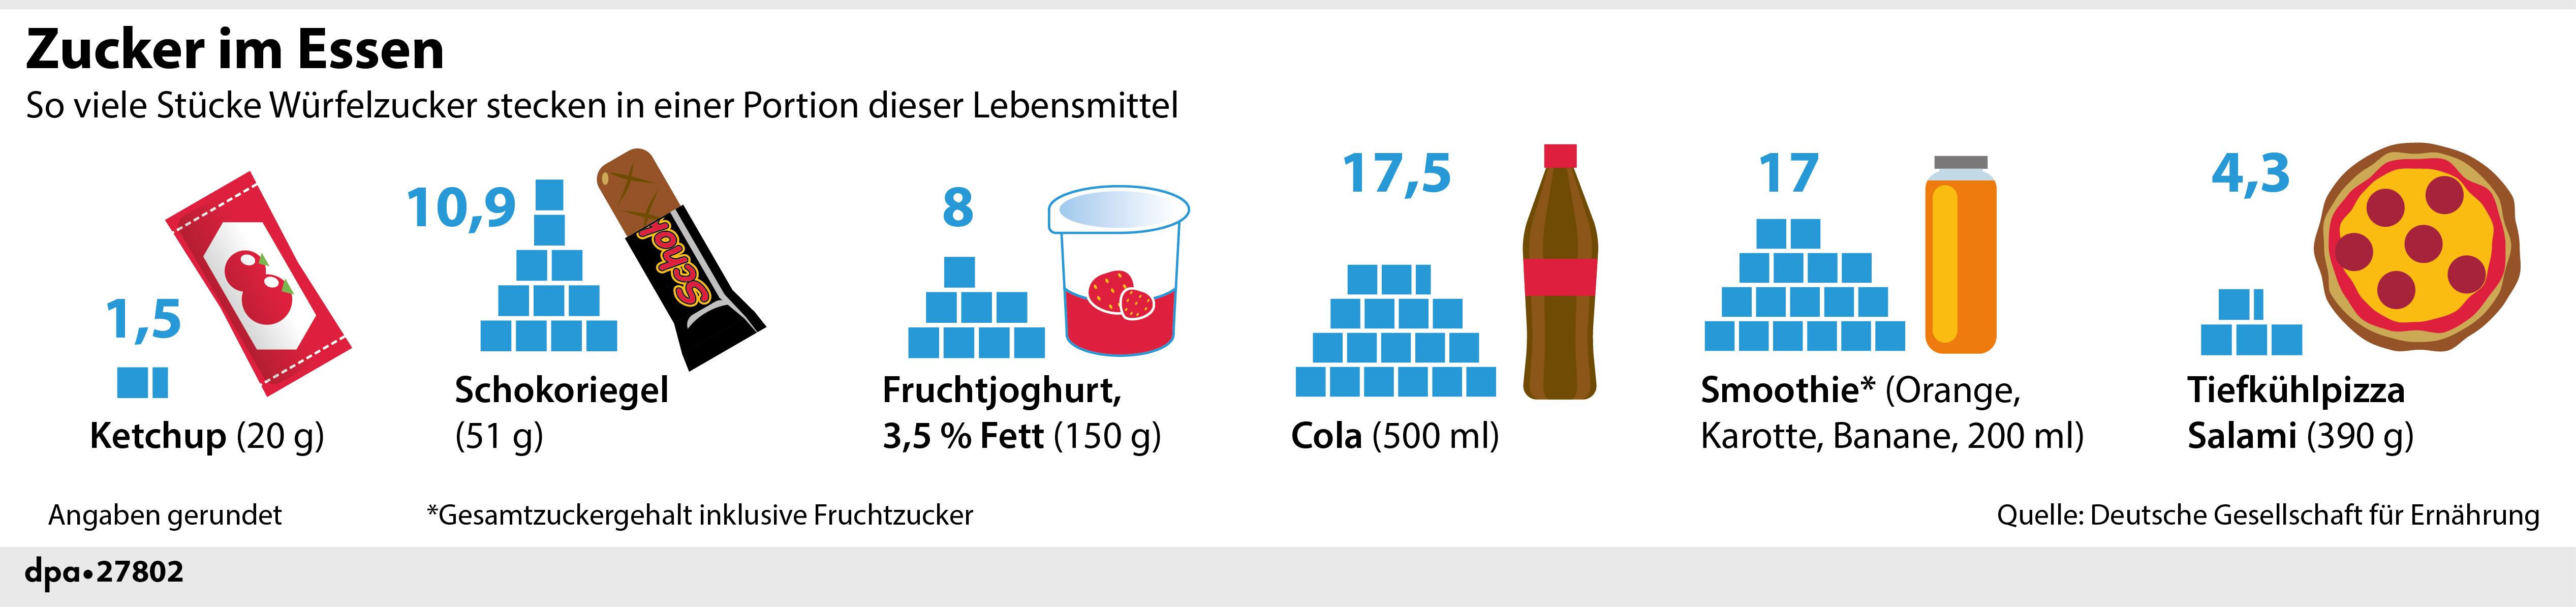 """Styleguide Infografik """"Zucker im Essen"""" 4"""